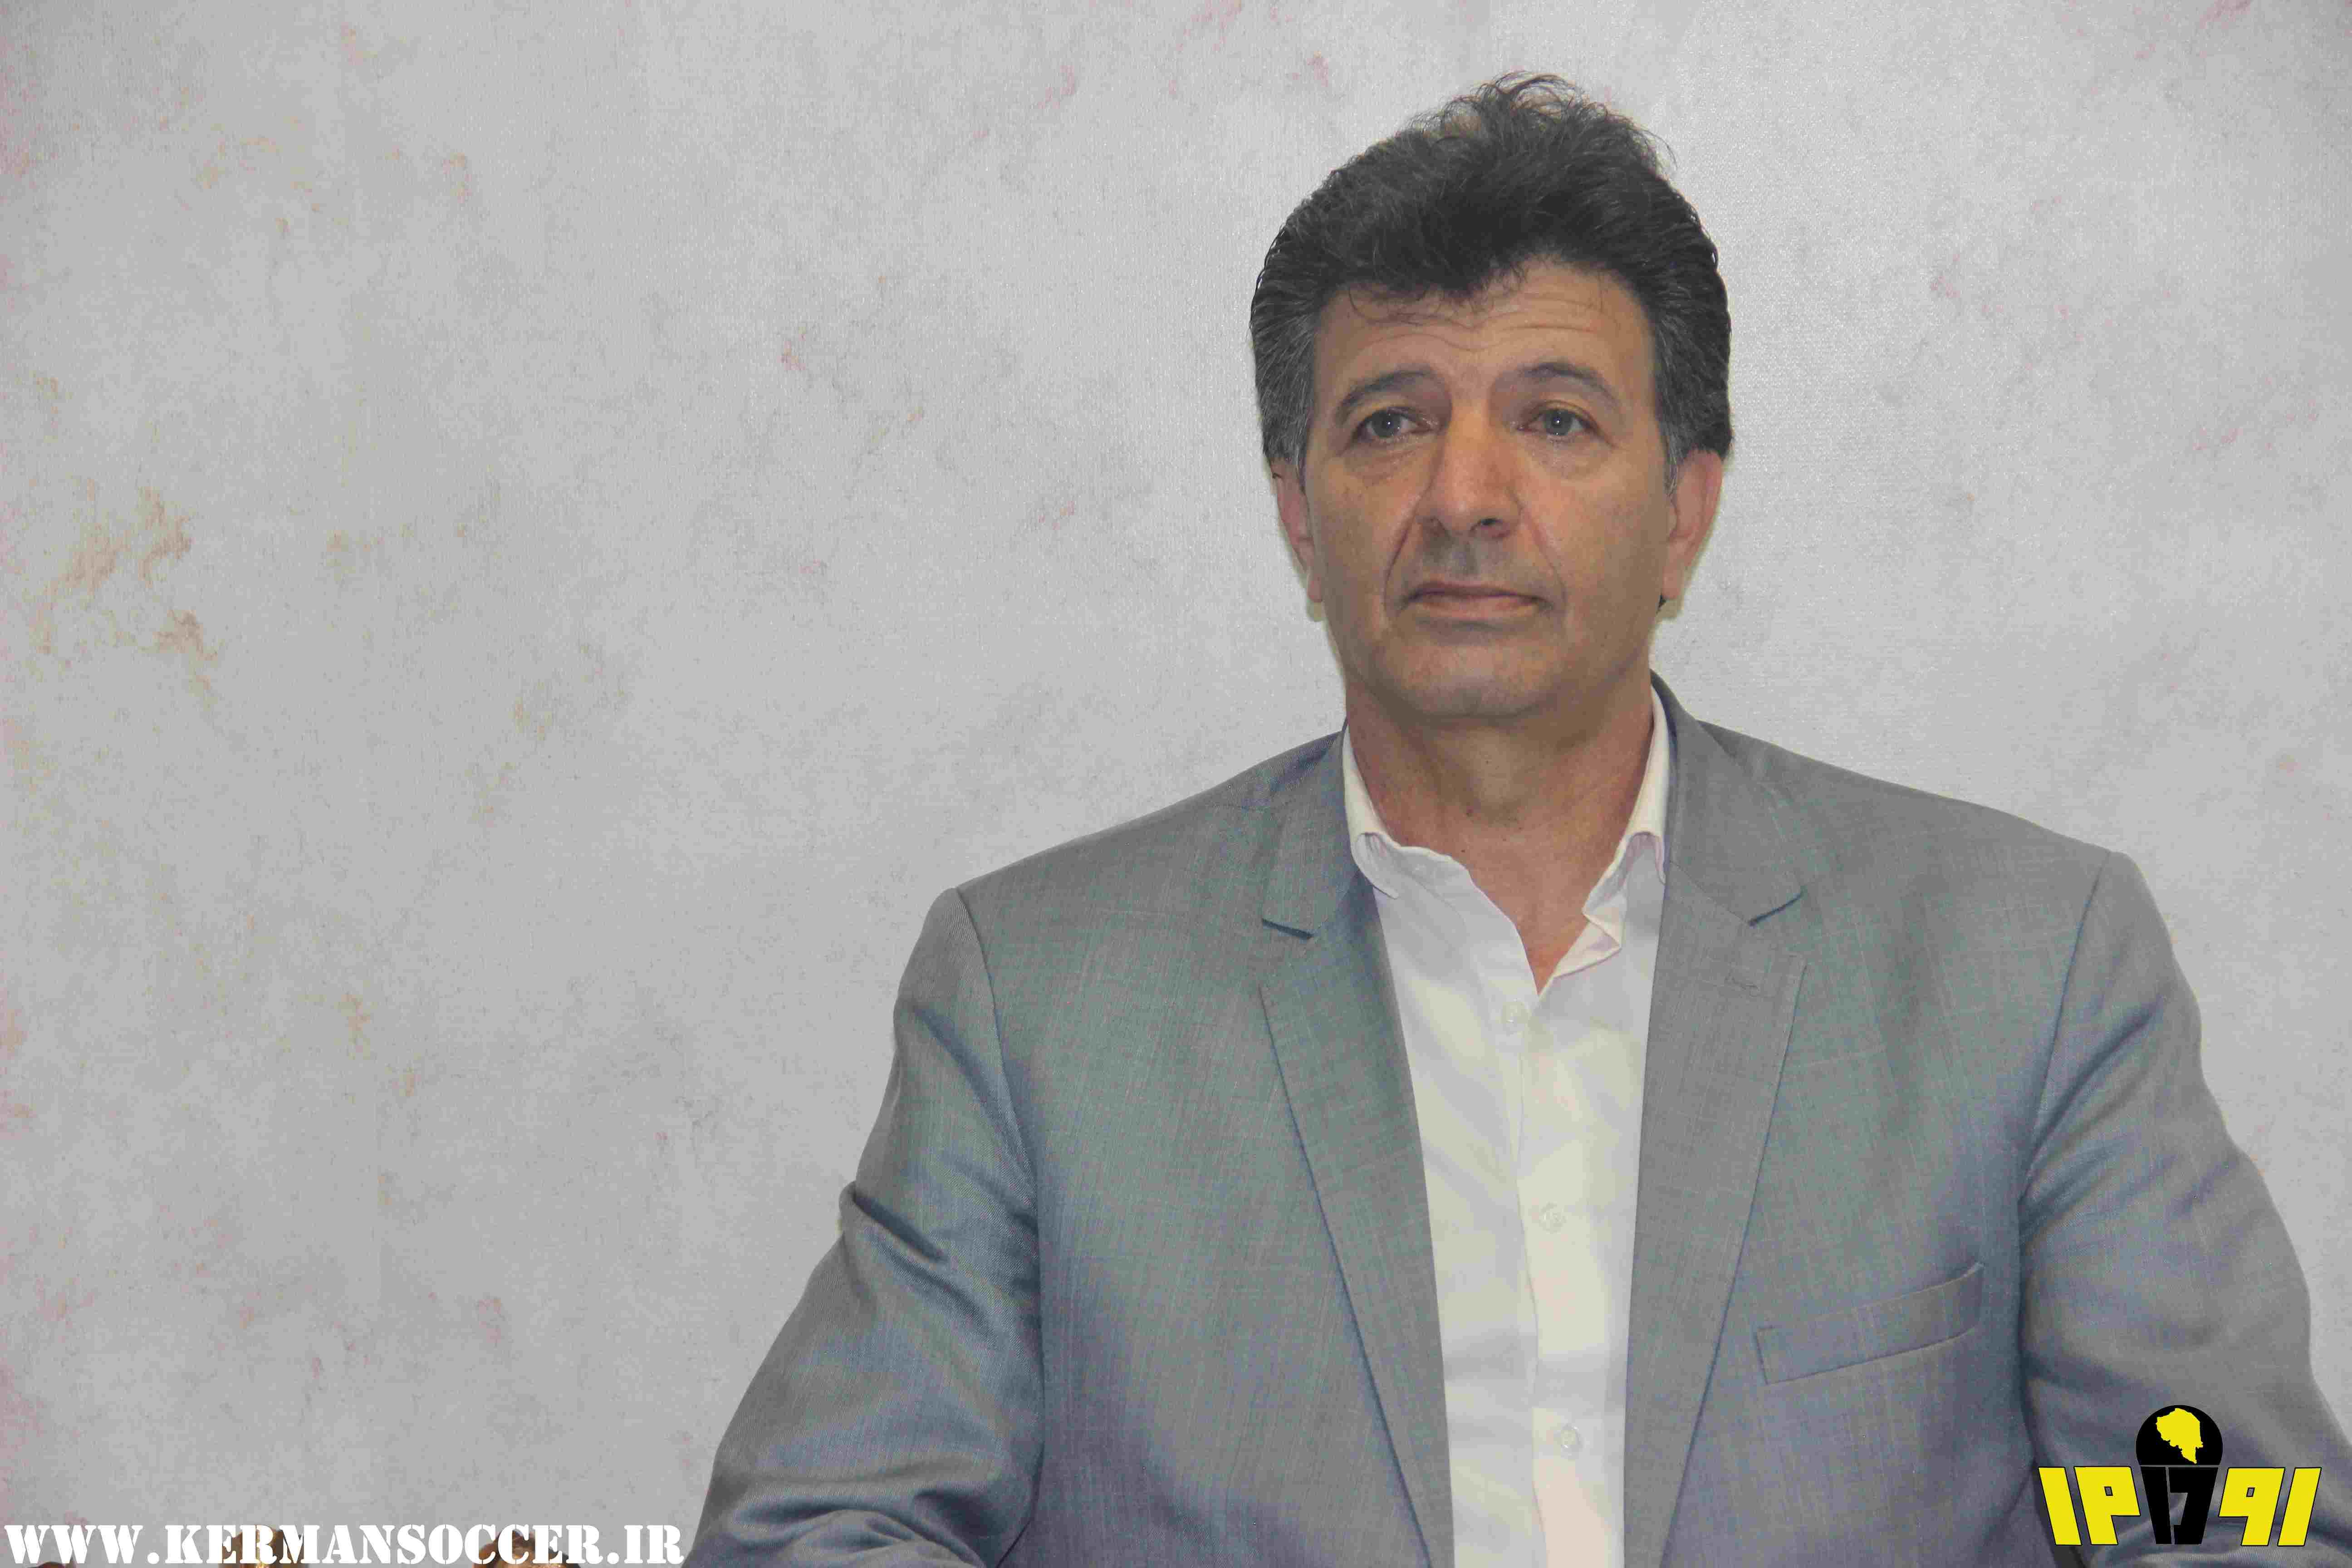 گزارش تصویری: مجله تصویری رو در رو (پیشاهنگ) - گفتگو با شهامت خواجهپور پیشکسوت فوتبال باشگاه شهرداری کرمان